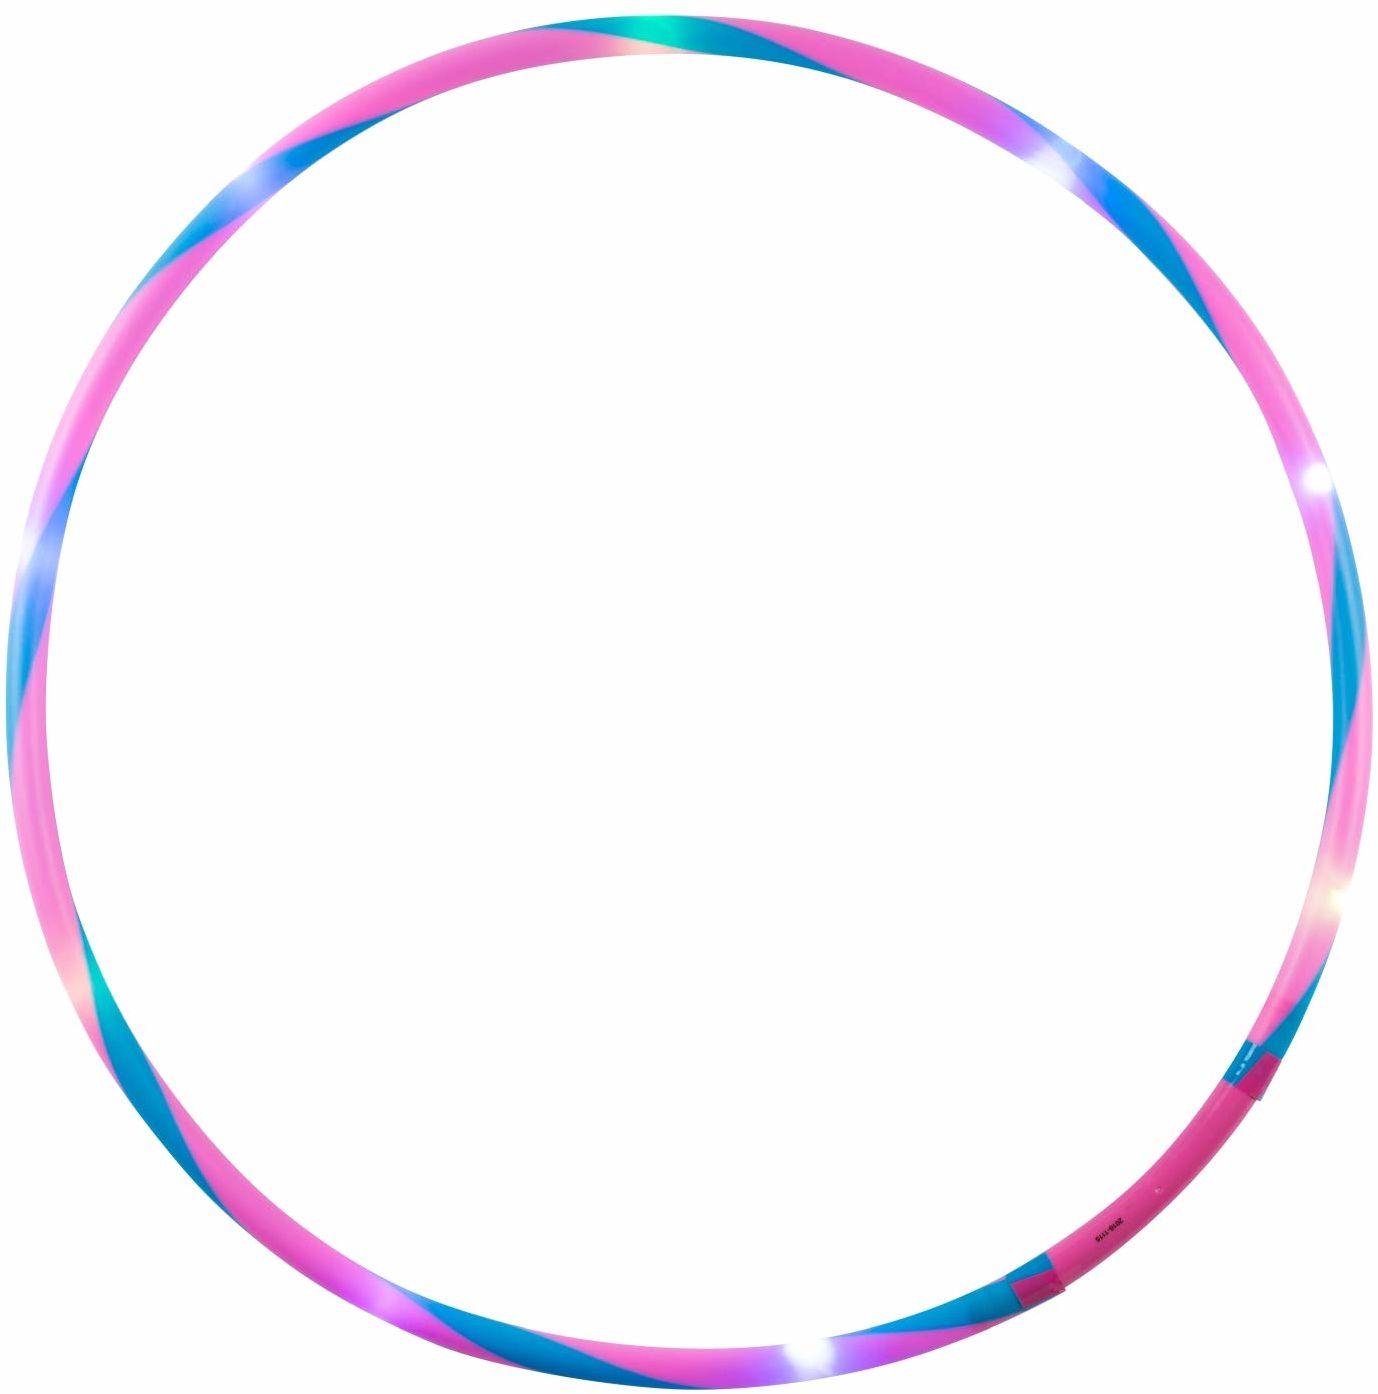 alldoro 63001 Hoop Fun Ø 78 cm, opony hula z 12 diodami LED, opony do uprawiania sportu, fitnessu i gimnastyki, opony sportowe ze światłem, dla dzieci od 4 lat i dorosłych, różowe/niebieskie